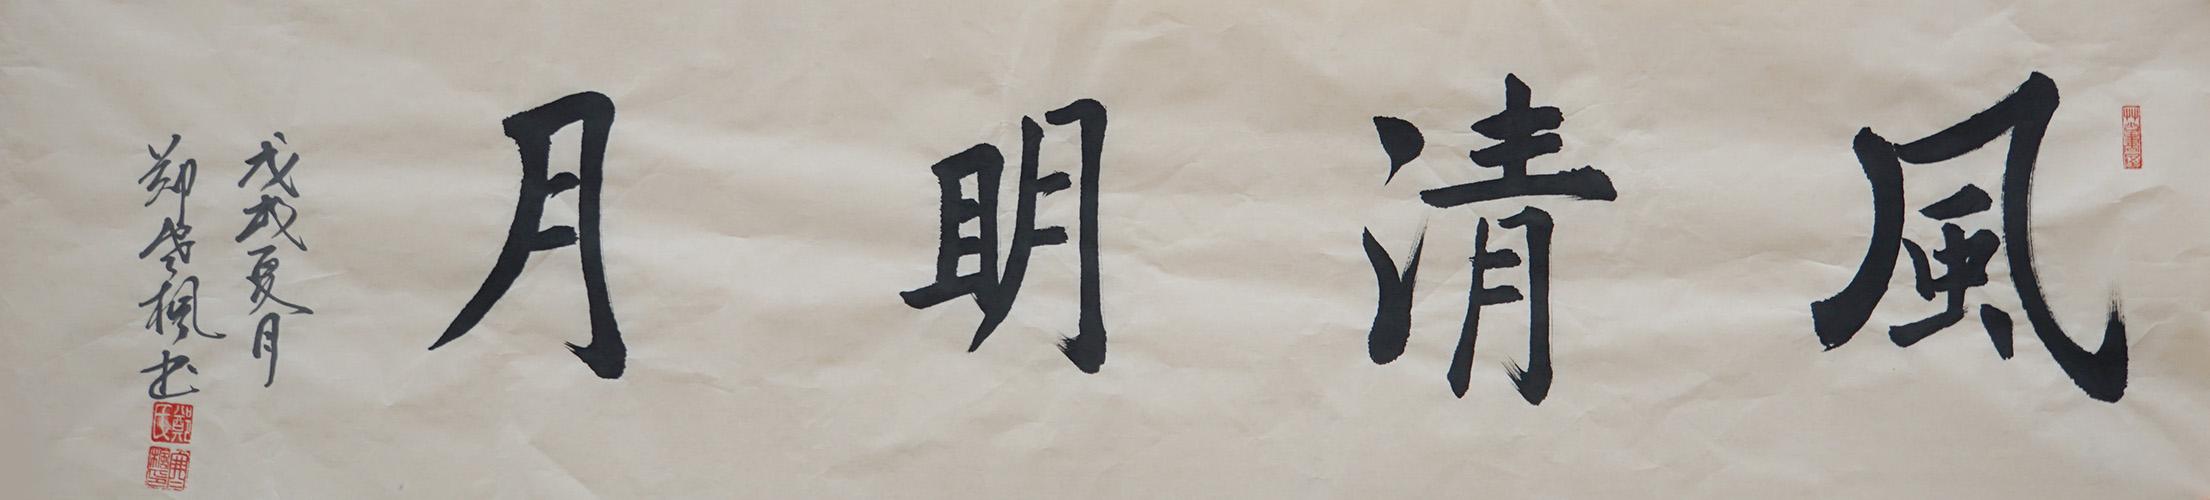 郑寒枫作品之一 (1)